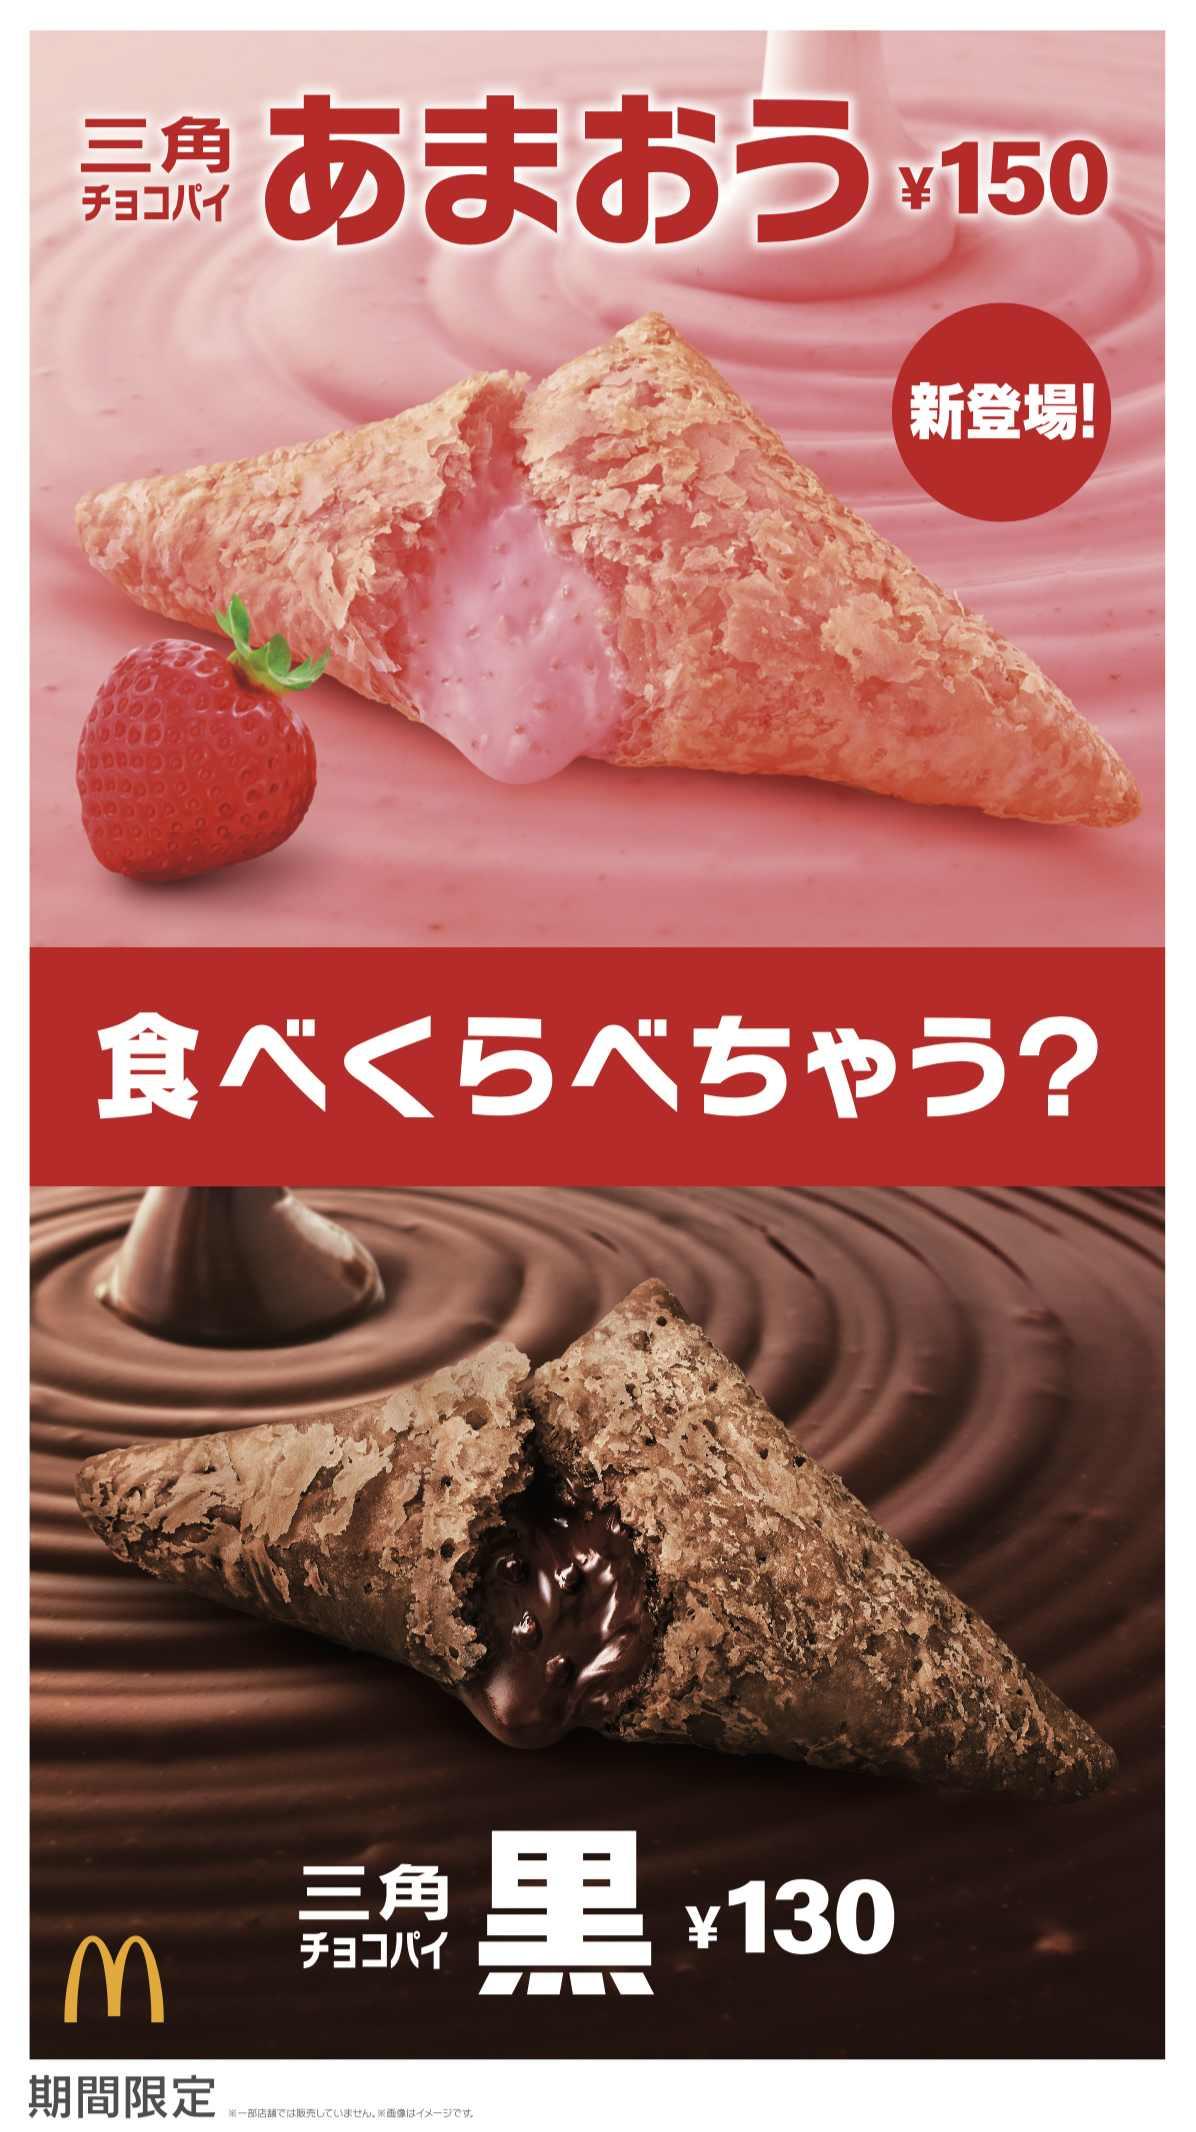 マクドナルド新作『三角チョコパイ あまおう』、12月4日(水)から期間限定販売